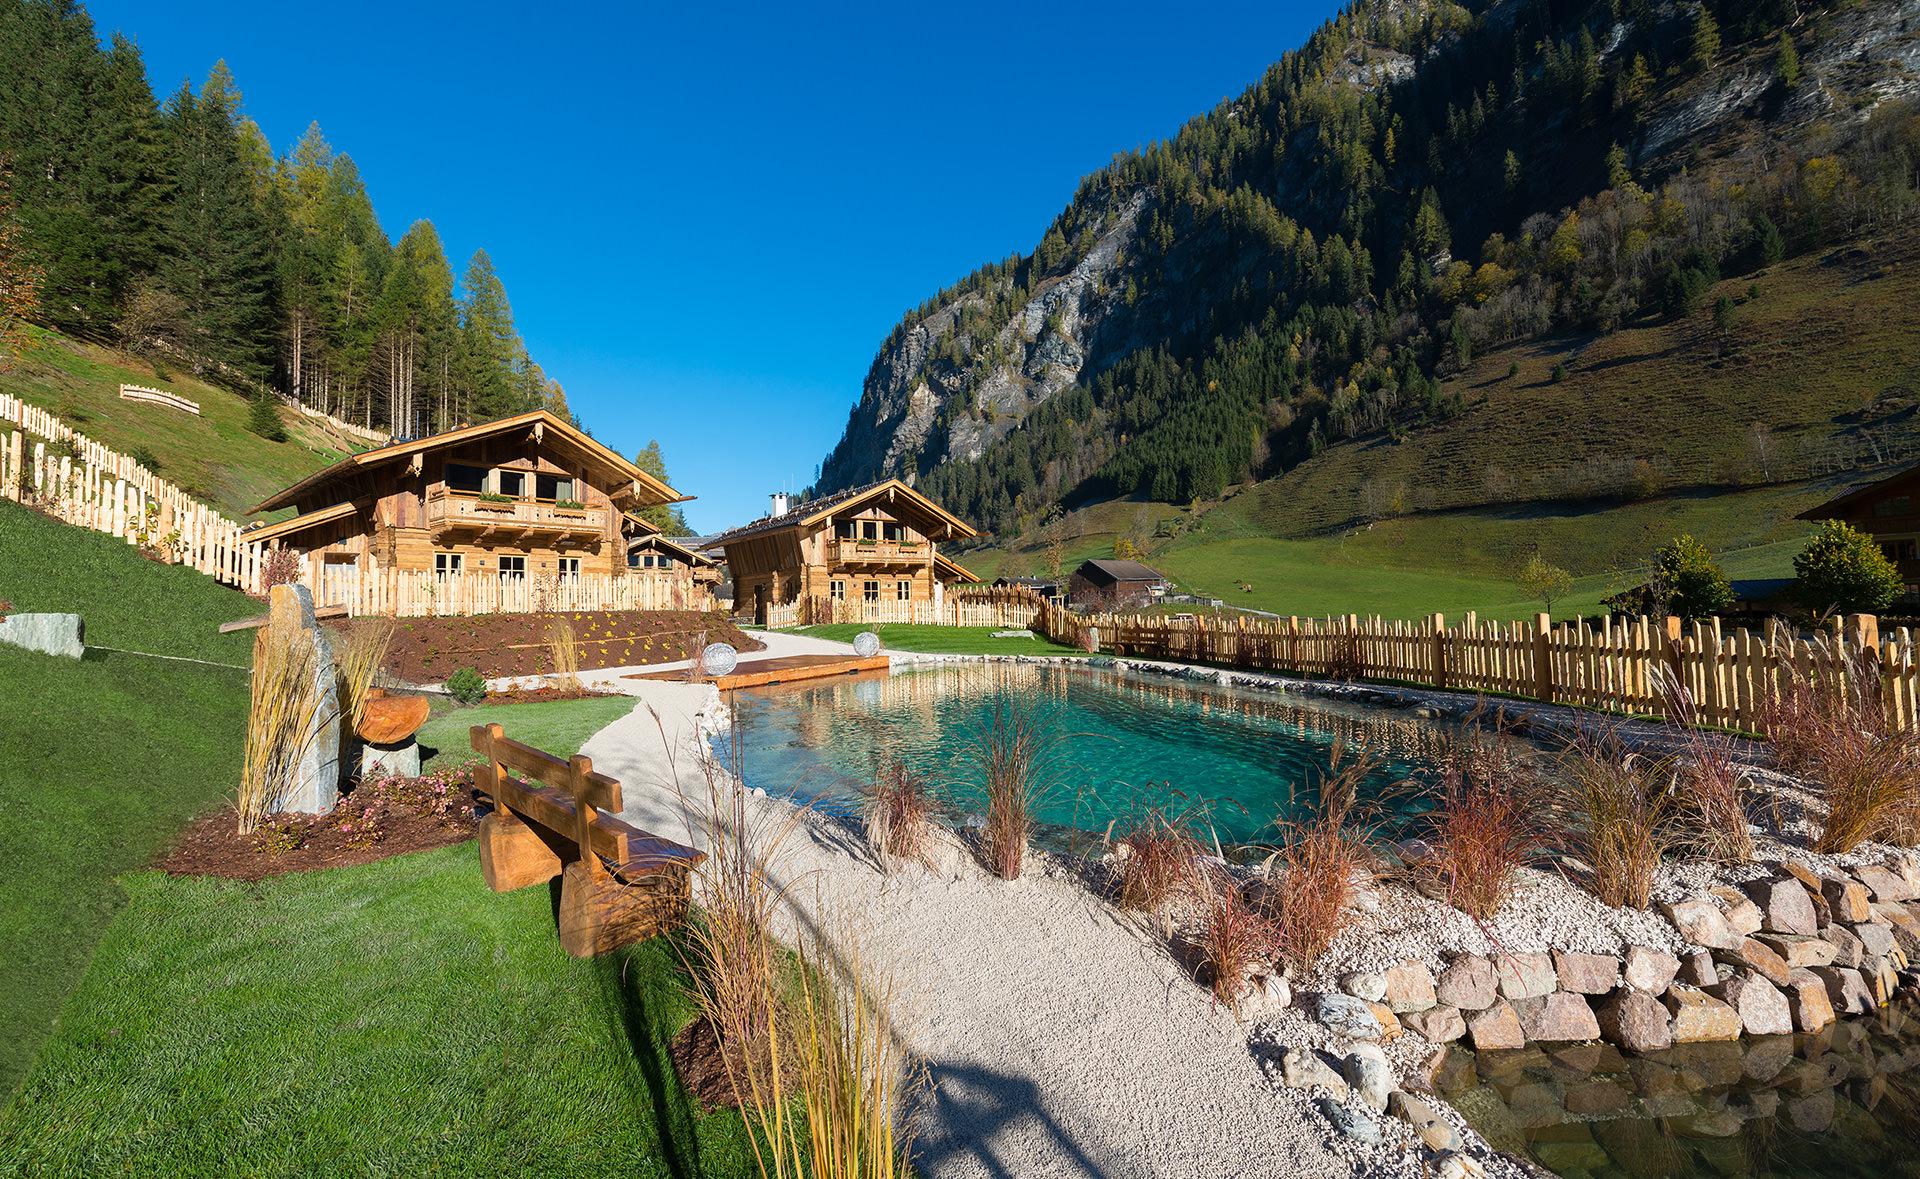 Verbringen Sie Ihren Sommerurlaub im Salzburger Land in Ihrem Luxus-Chalet